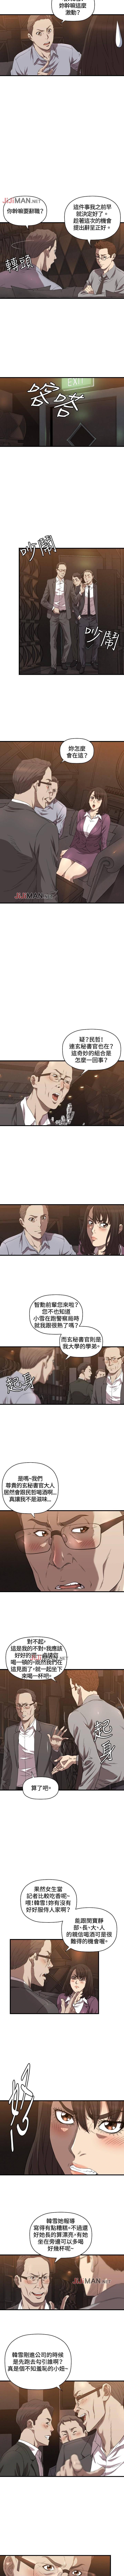 【已完结】索多玛俱乐部(作者:何藝媛&庫奈尼) 第1~32话 64